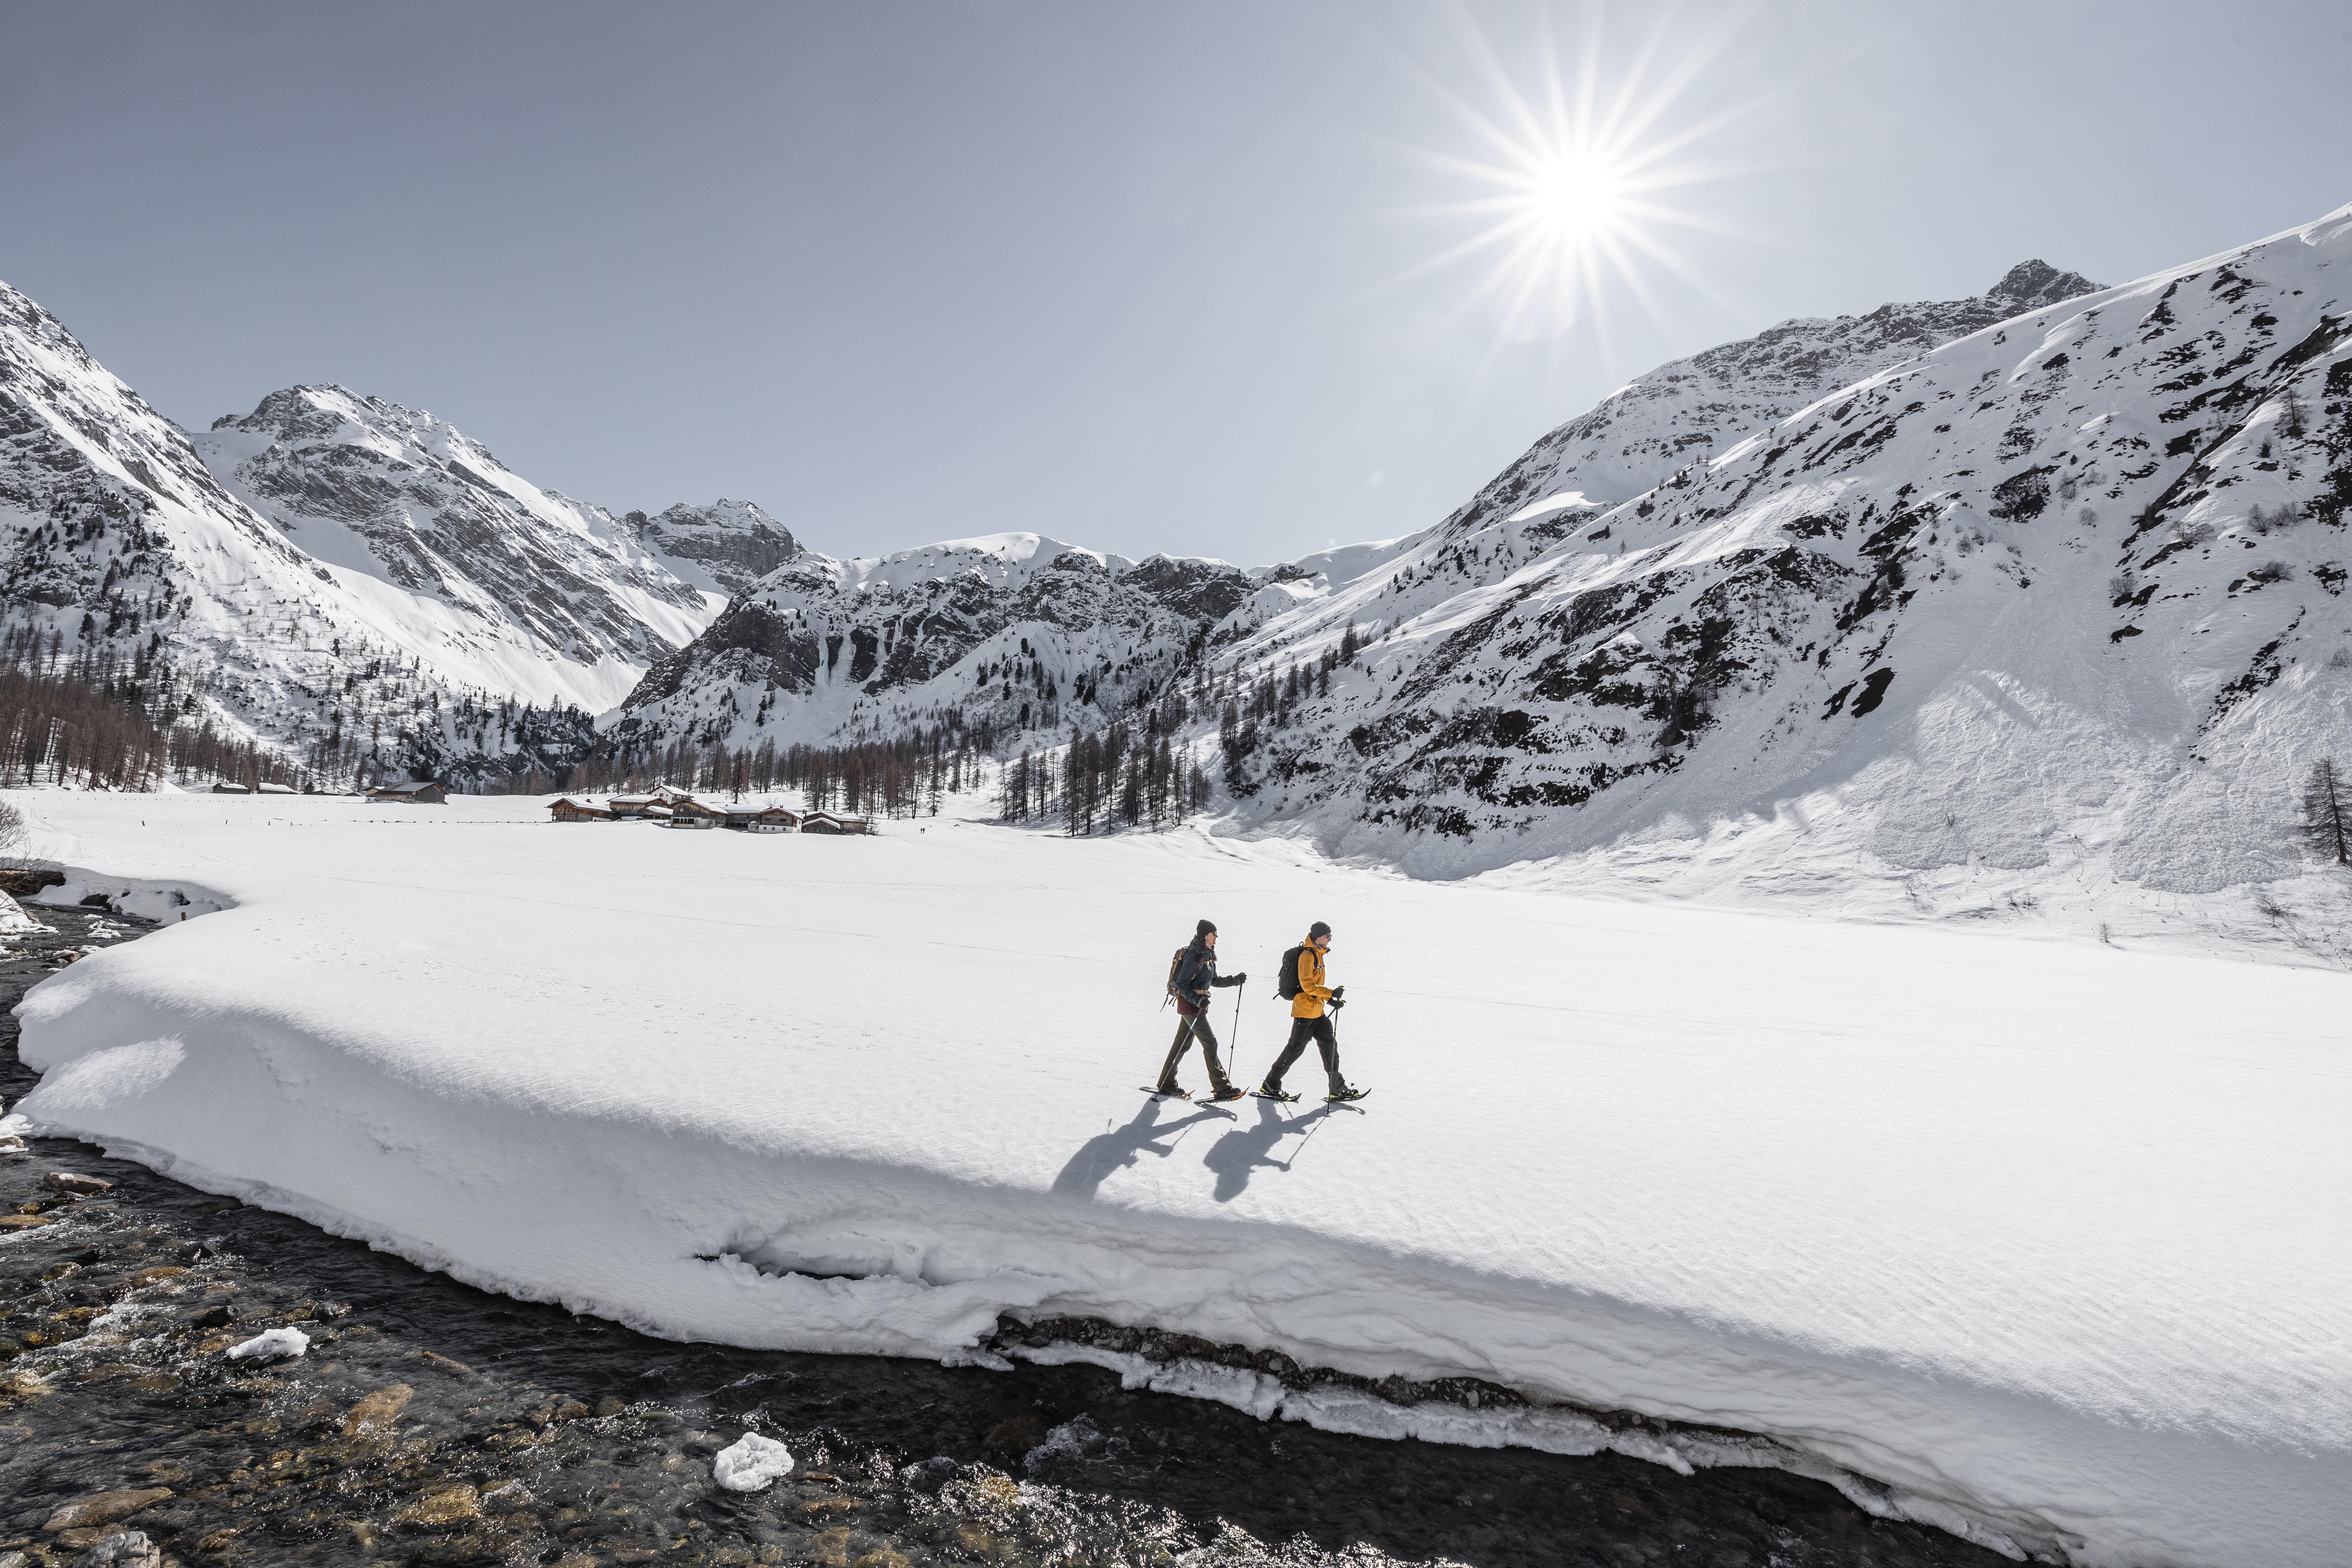 Schneeschuhwandern_in_Davos_Klosters__C__Destination_Davos_Klosters-Martin_Bissig